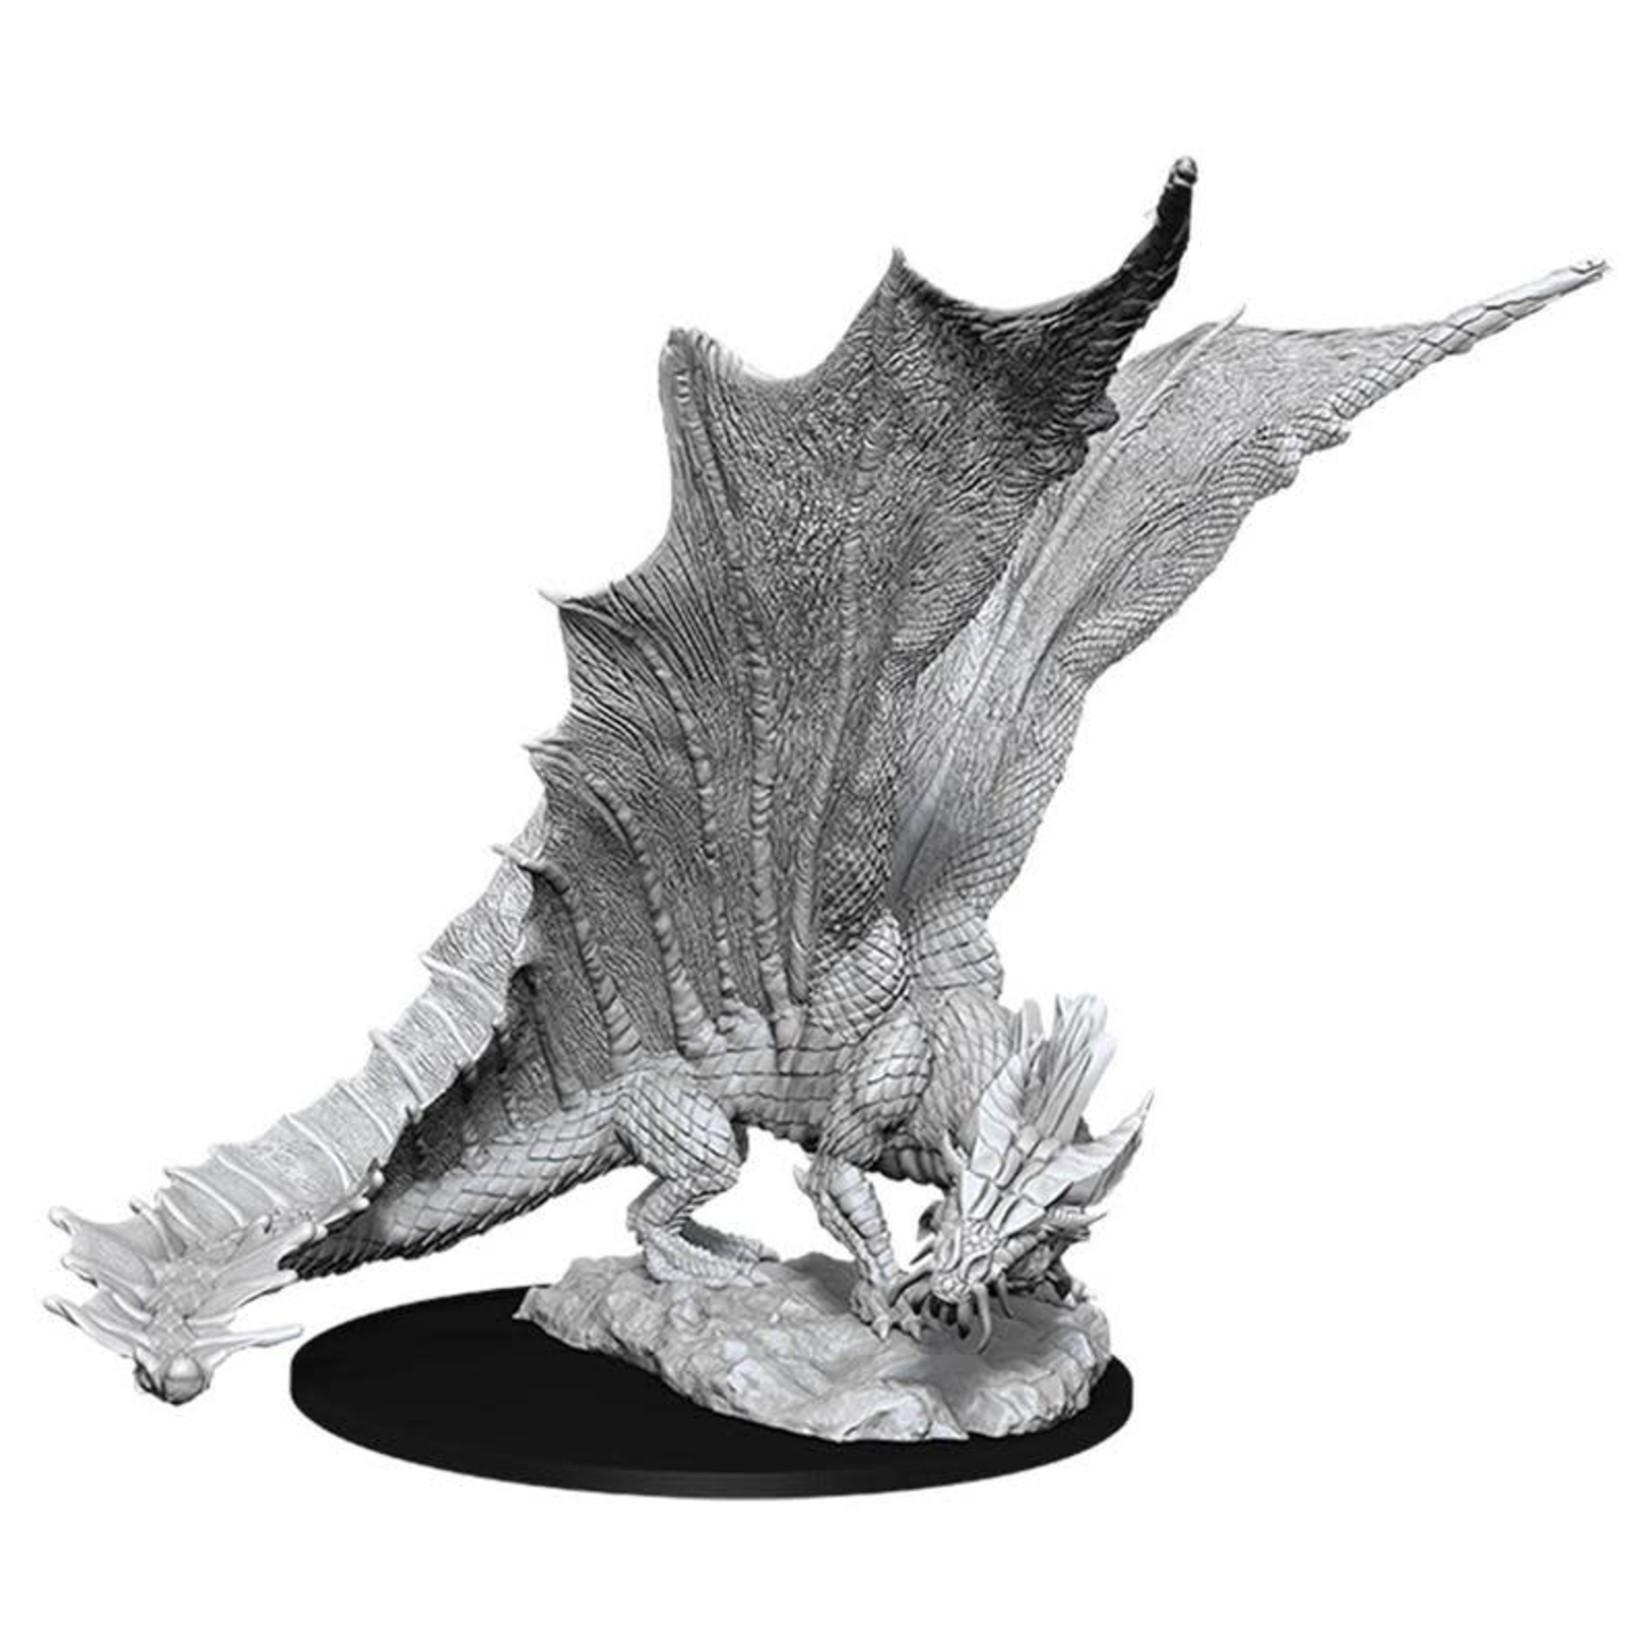 WizKids D&D Minis (unpainted): Young Gold Dragon Wave 11, 90034